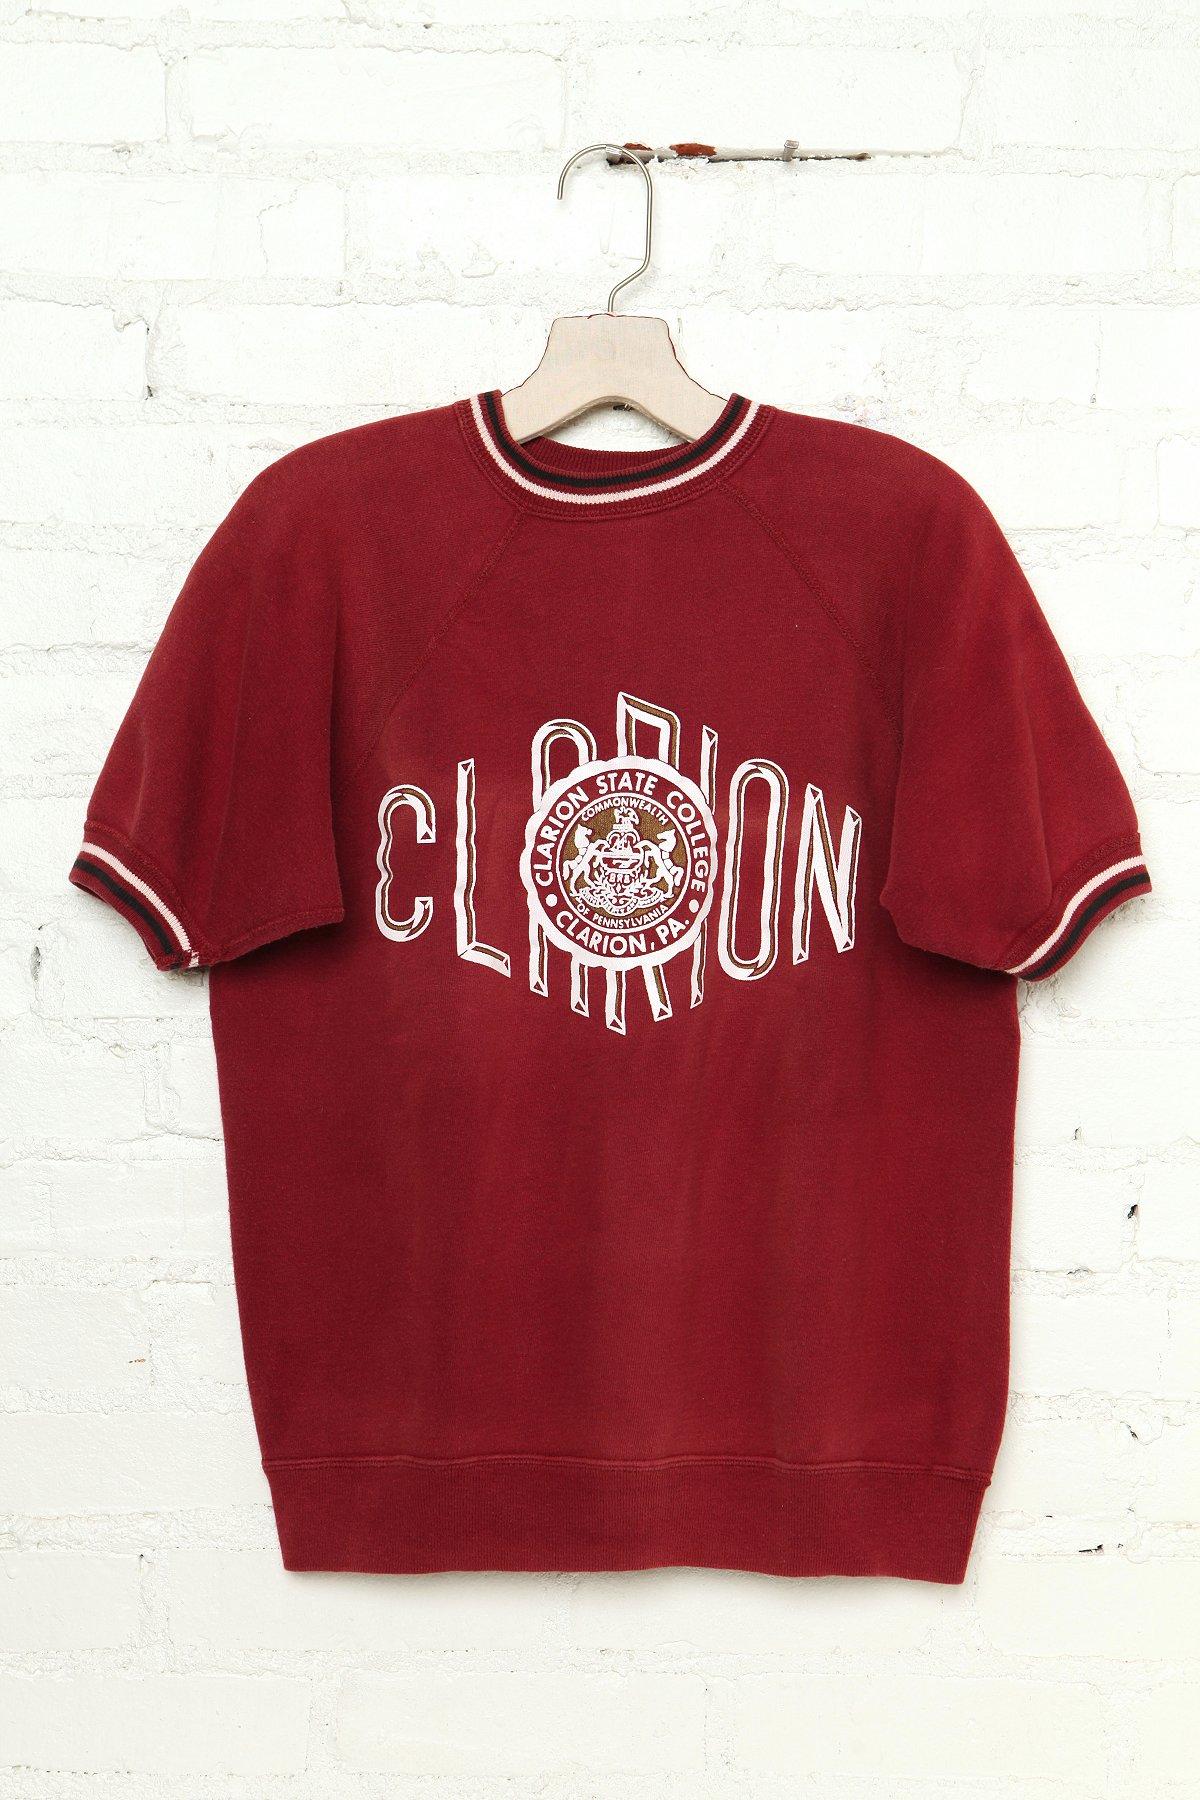 Vintage Clarion State College Sweatshirt